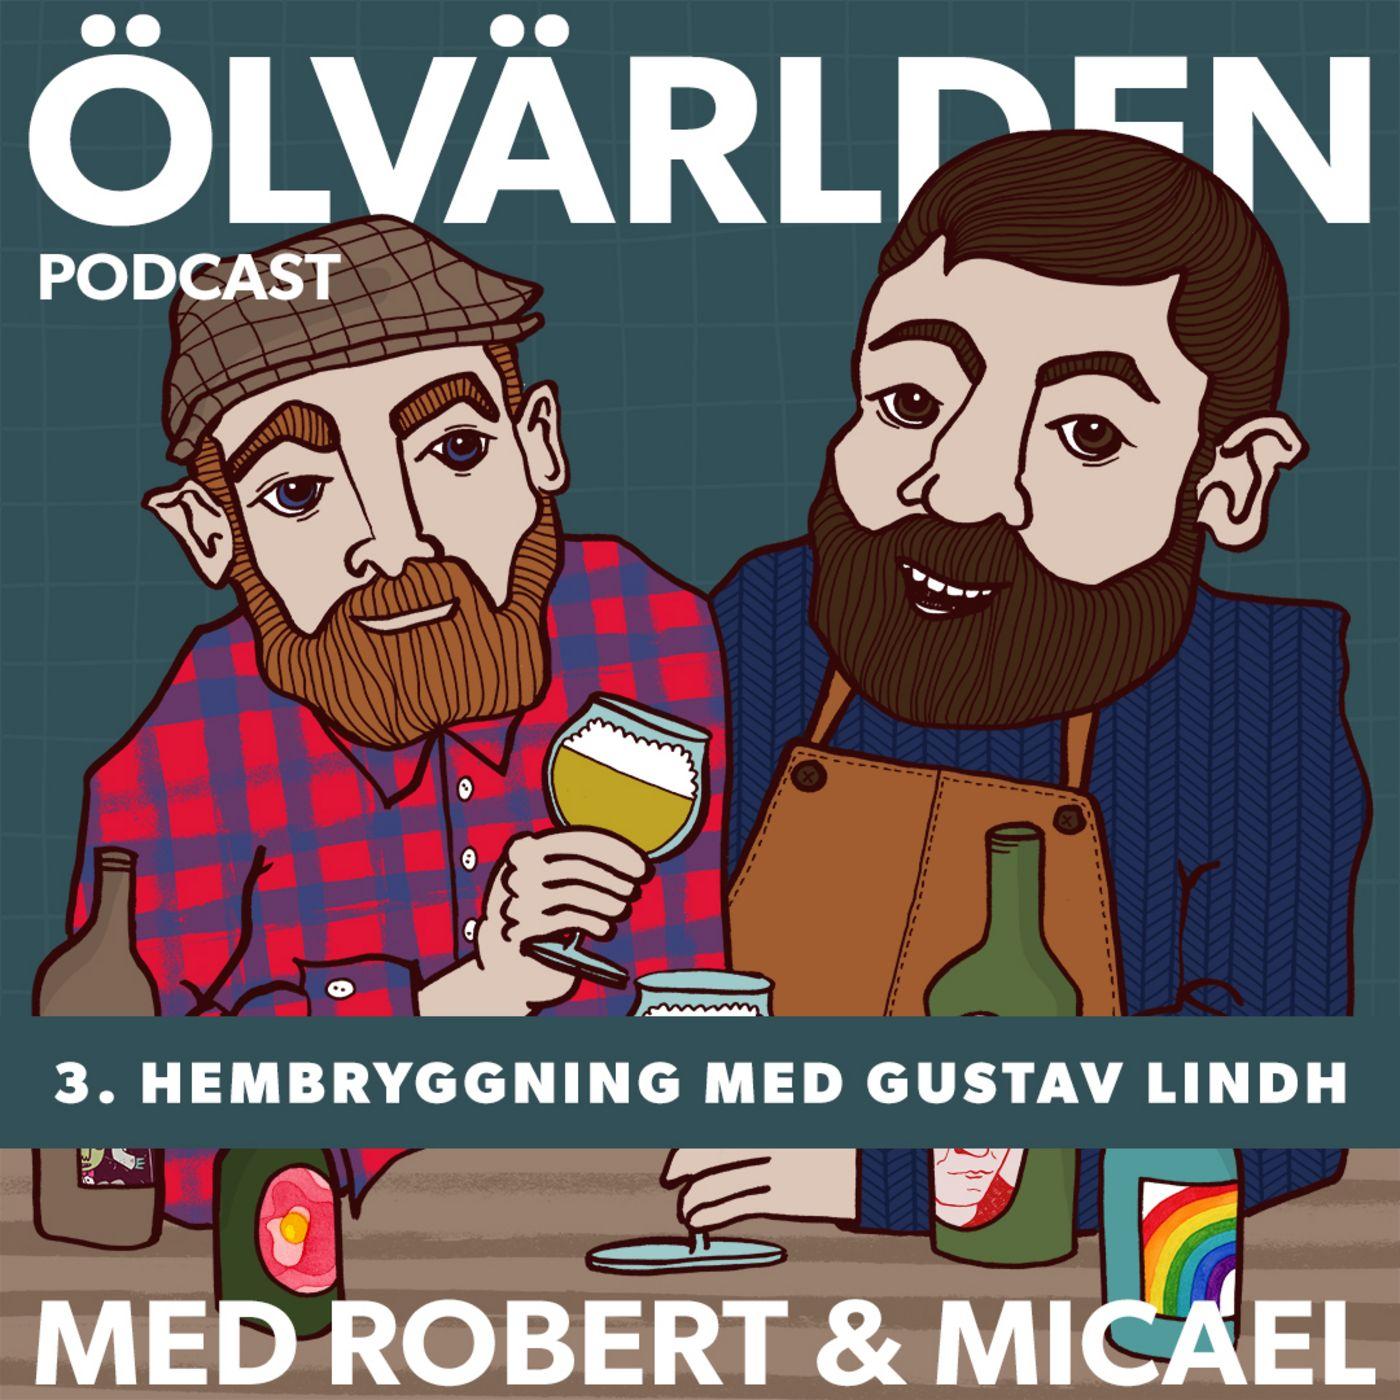 3. Hembryggning med Gustav Lindh